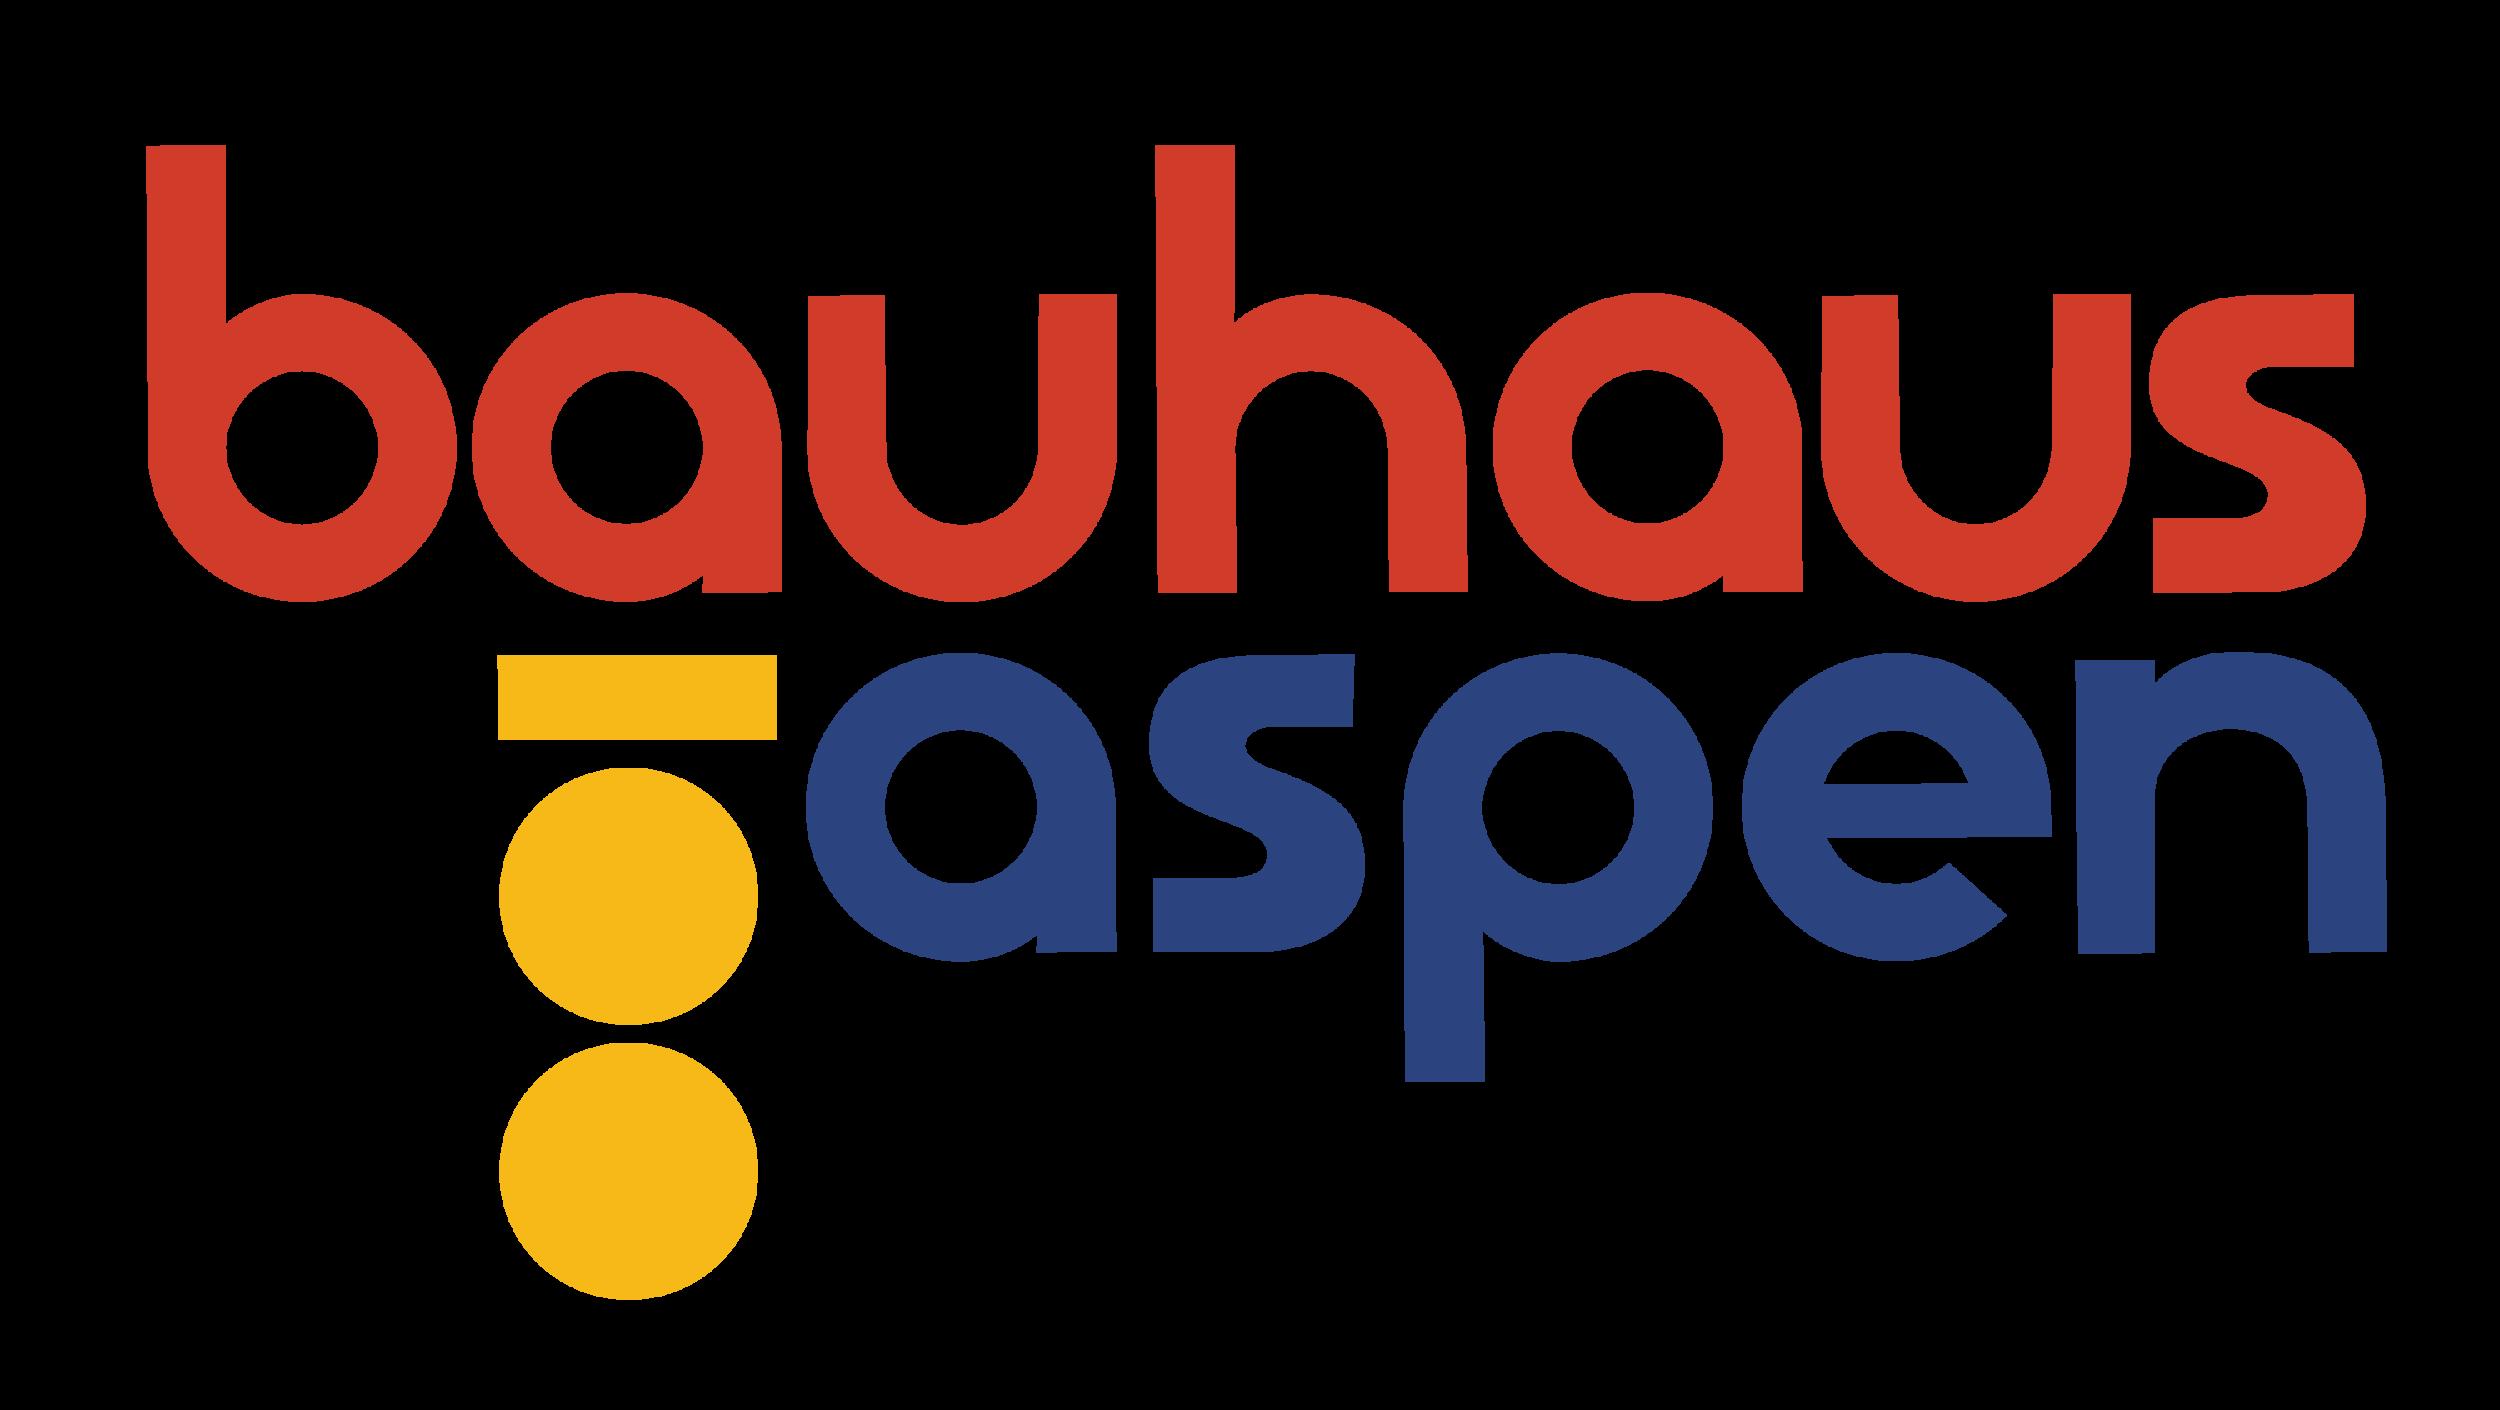 bauhaus_aspen_stacked.png